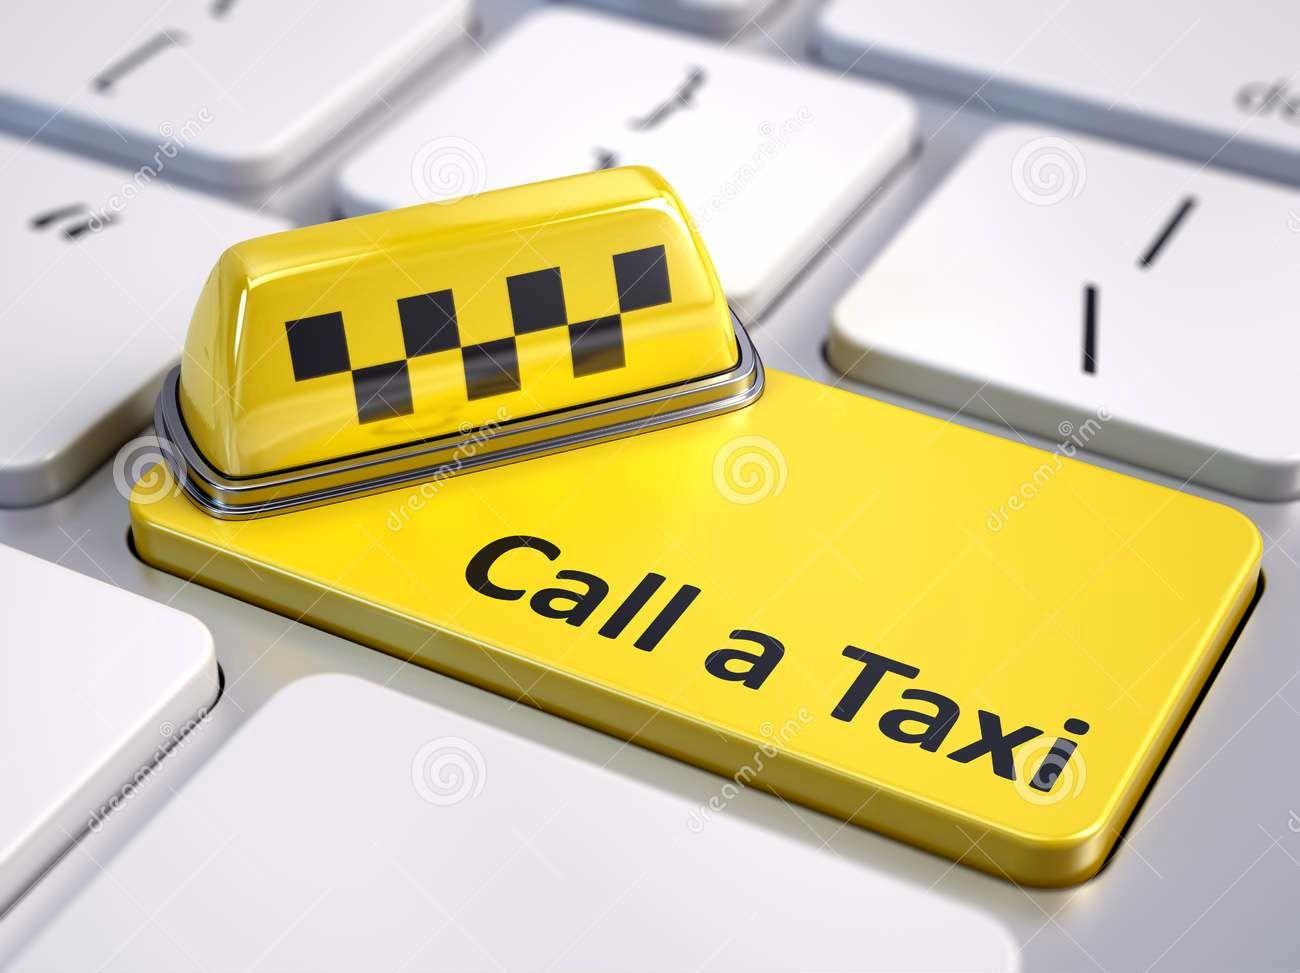 چتر کلاهبرداران اینبار روی تاکسیهای اینترنتی باز شده است